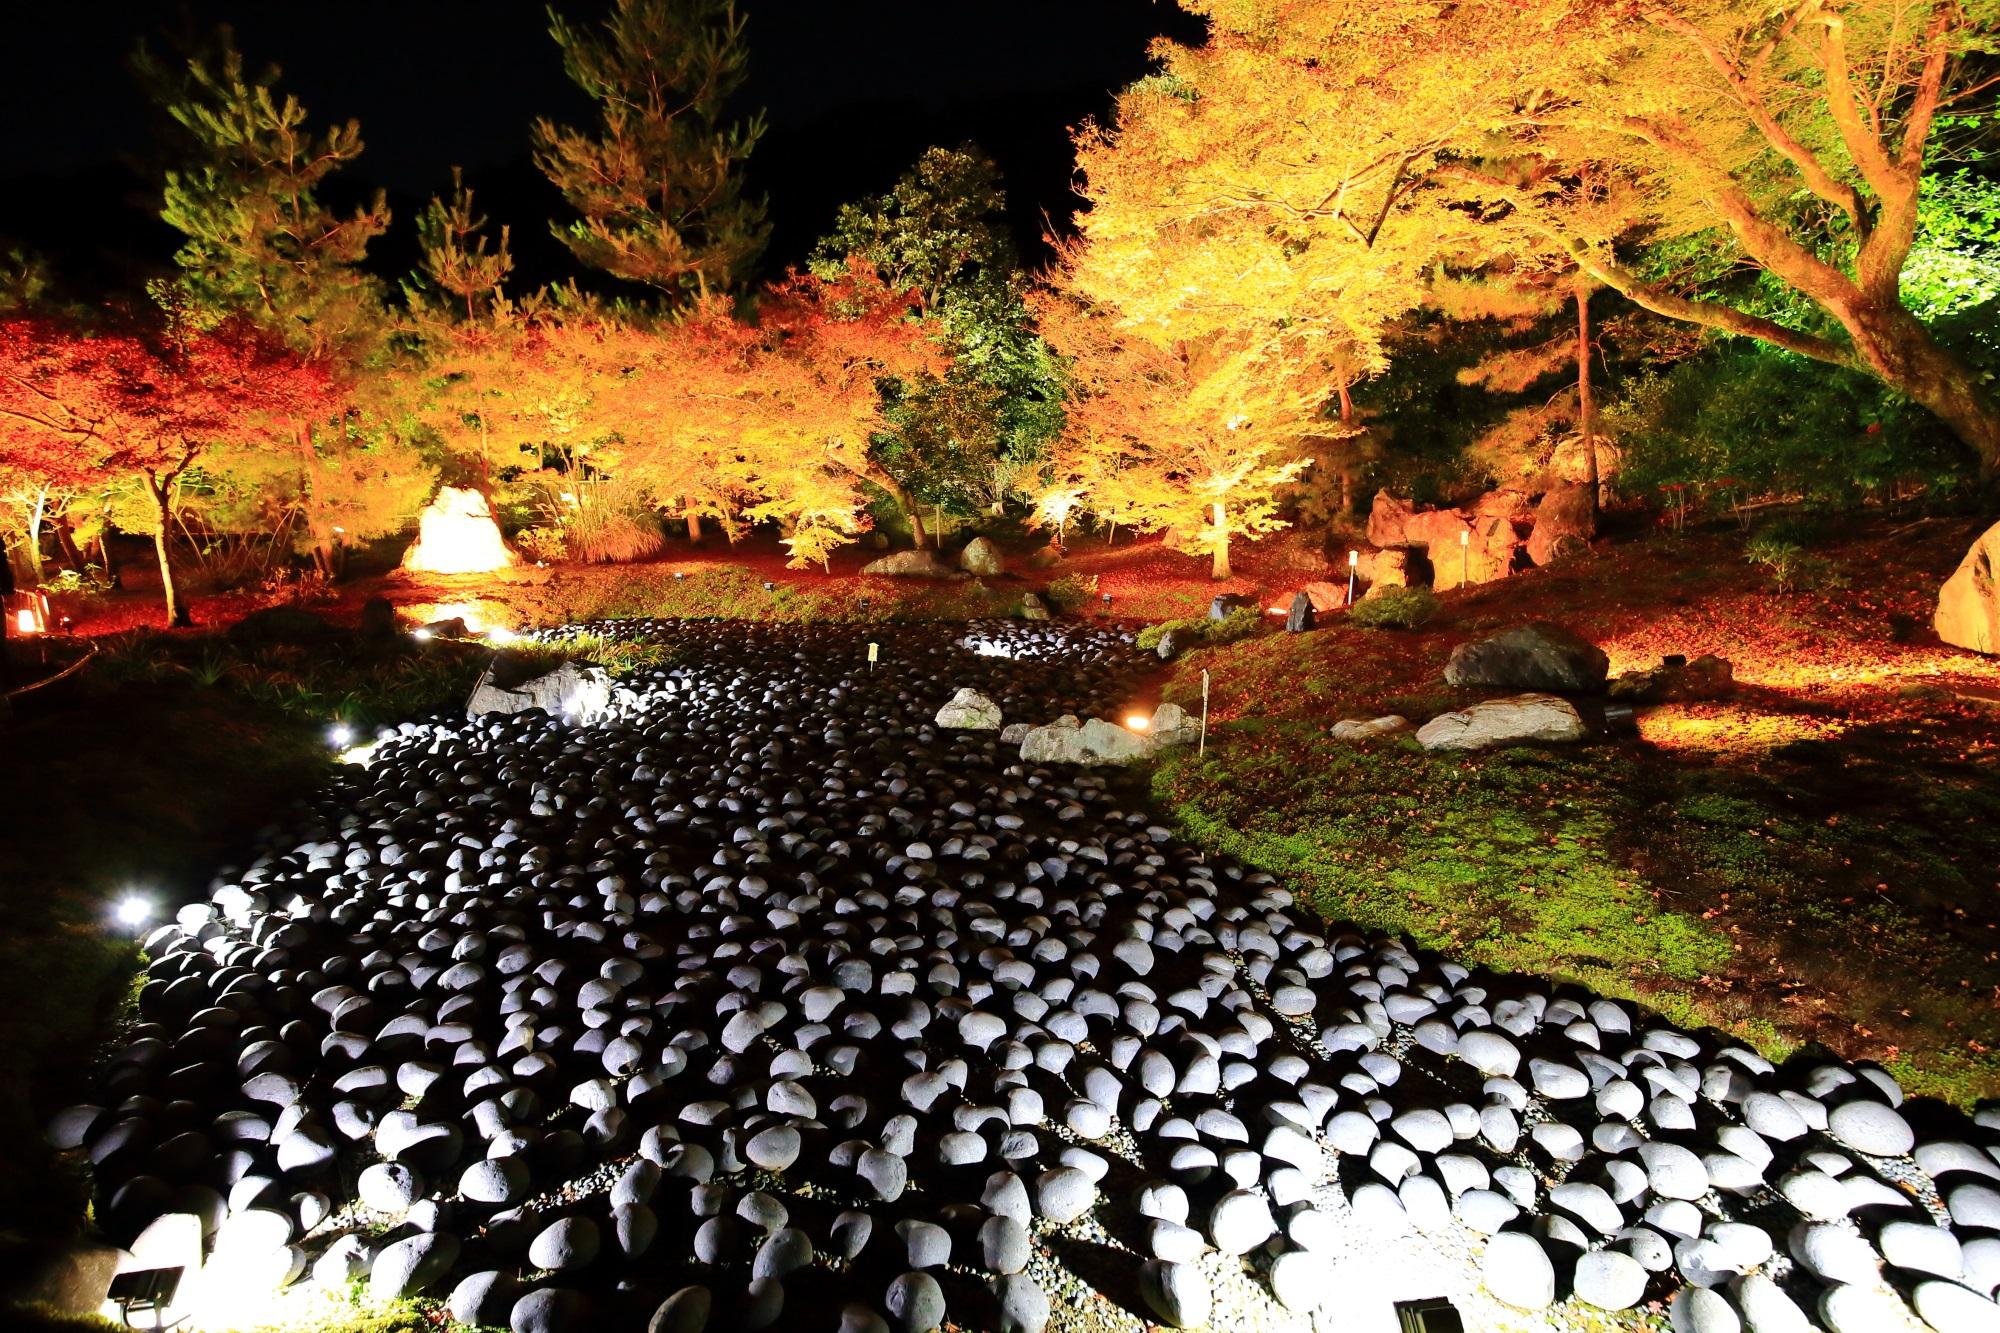 天龍寺 宝厳院の苦海の幻想的な紅葉ライトアップ